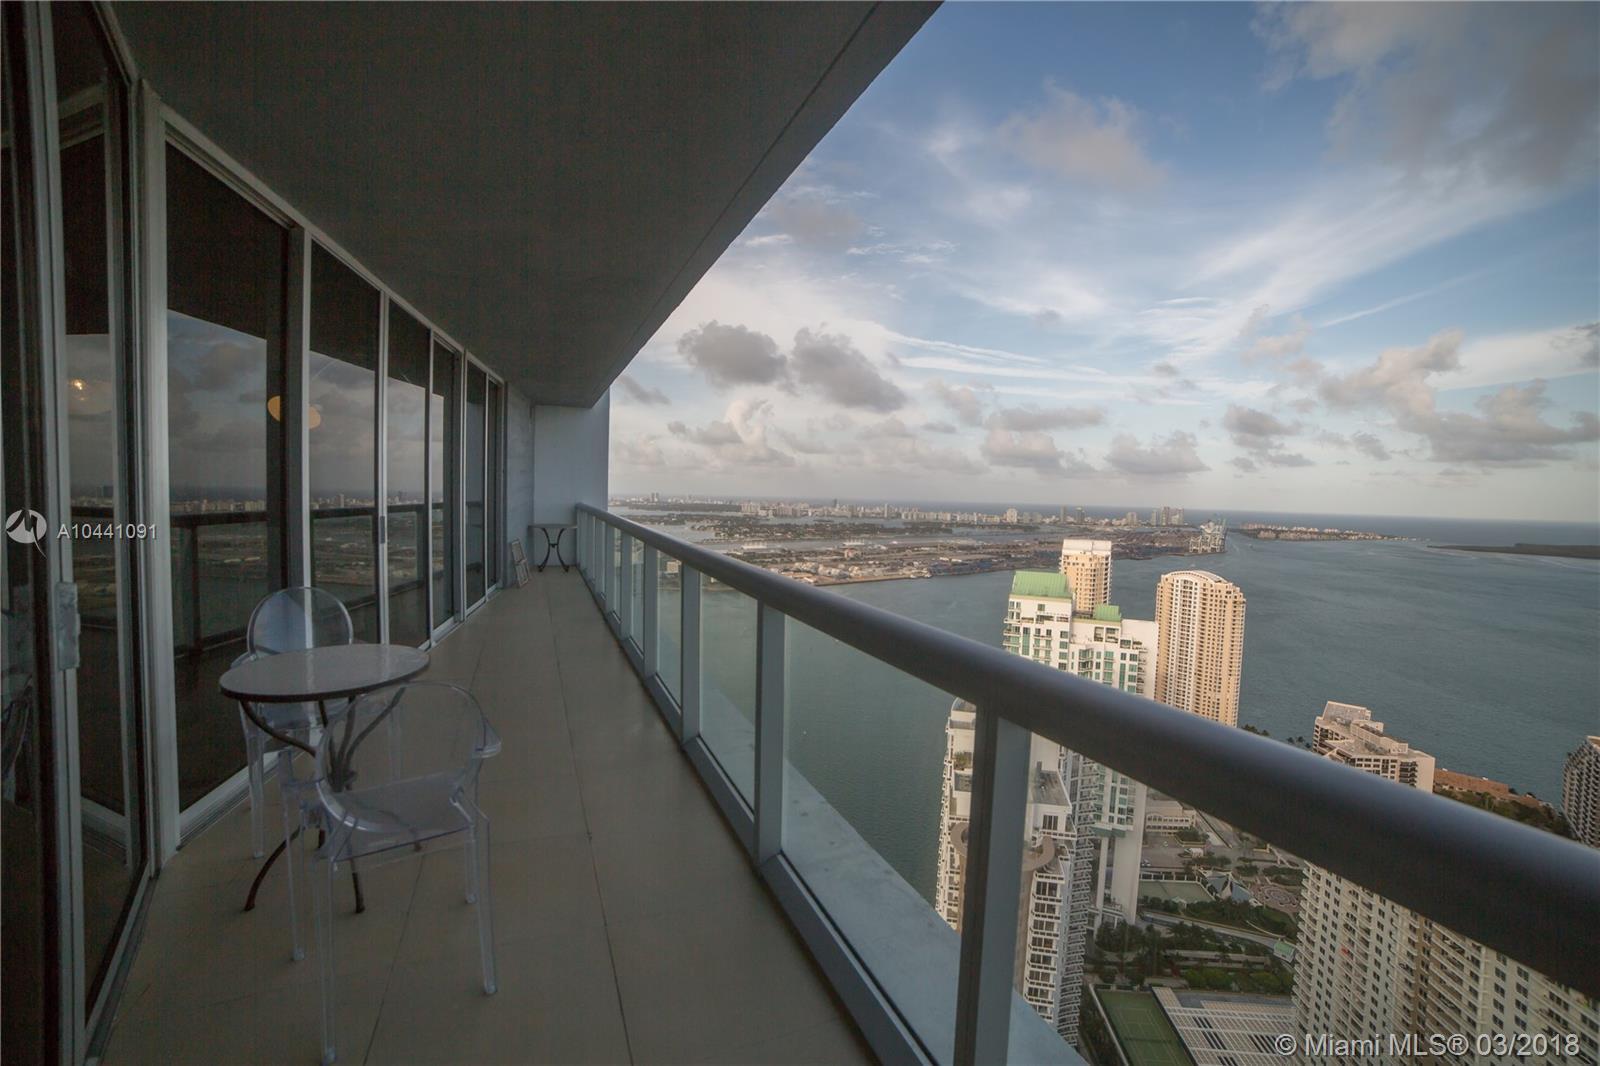 465 Brickell Ave, Miami, FL 33131, Icon Brickell I #5603, Brickell, Miami A10441091 image #7